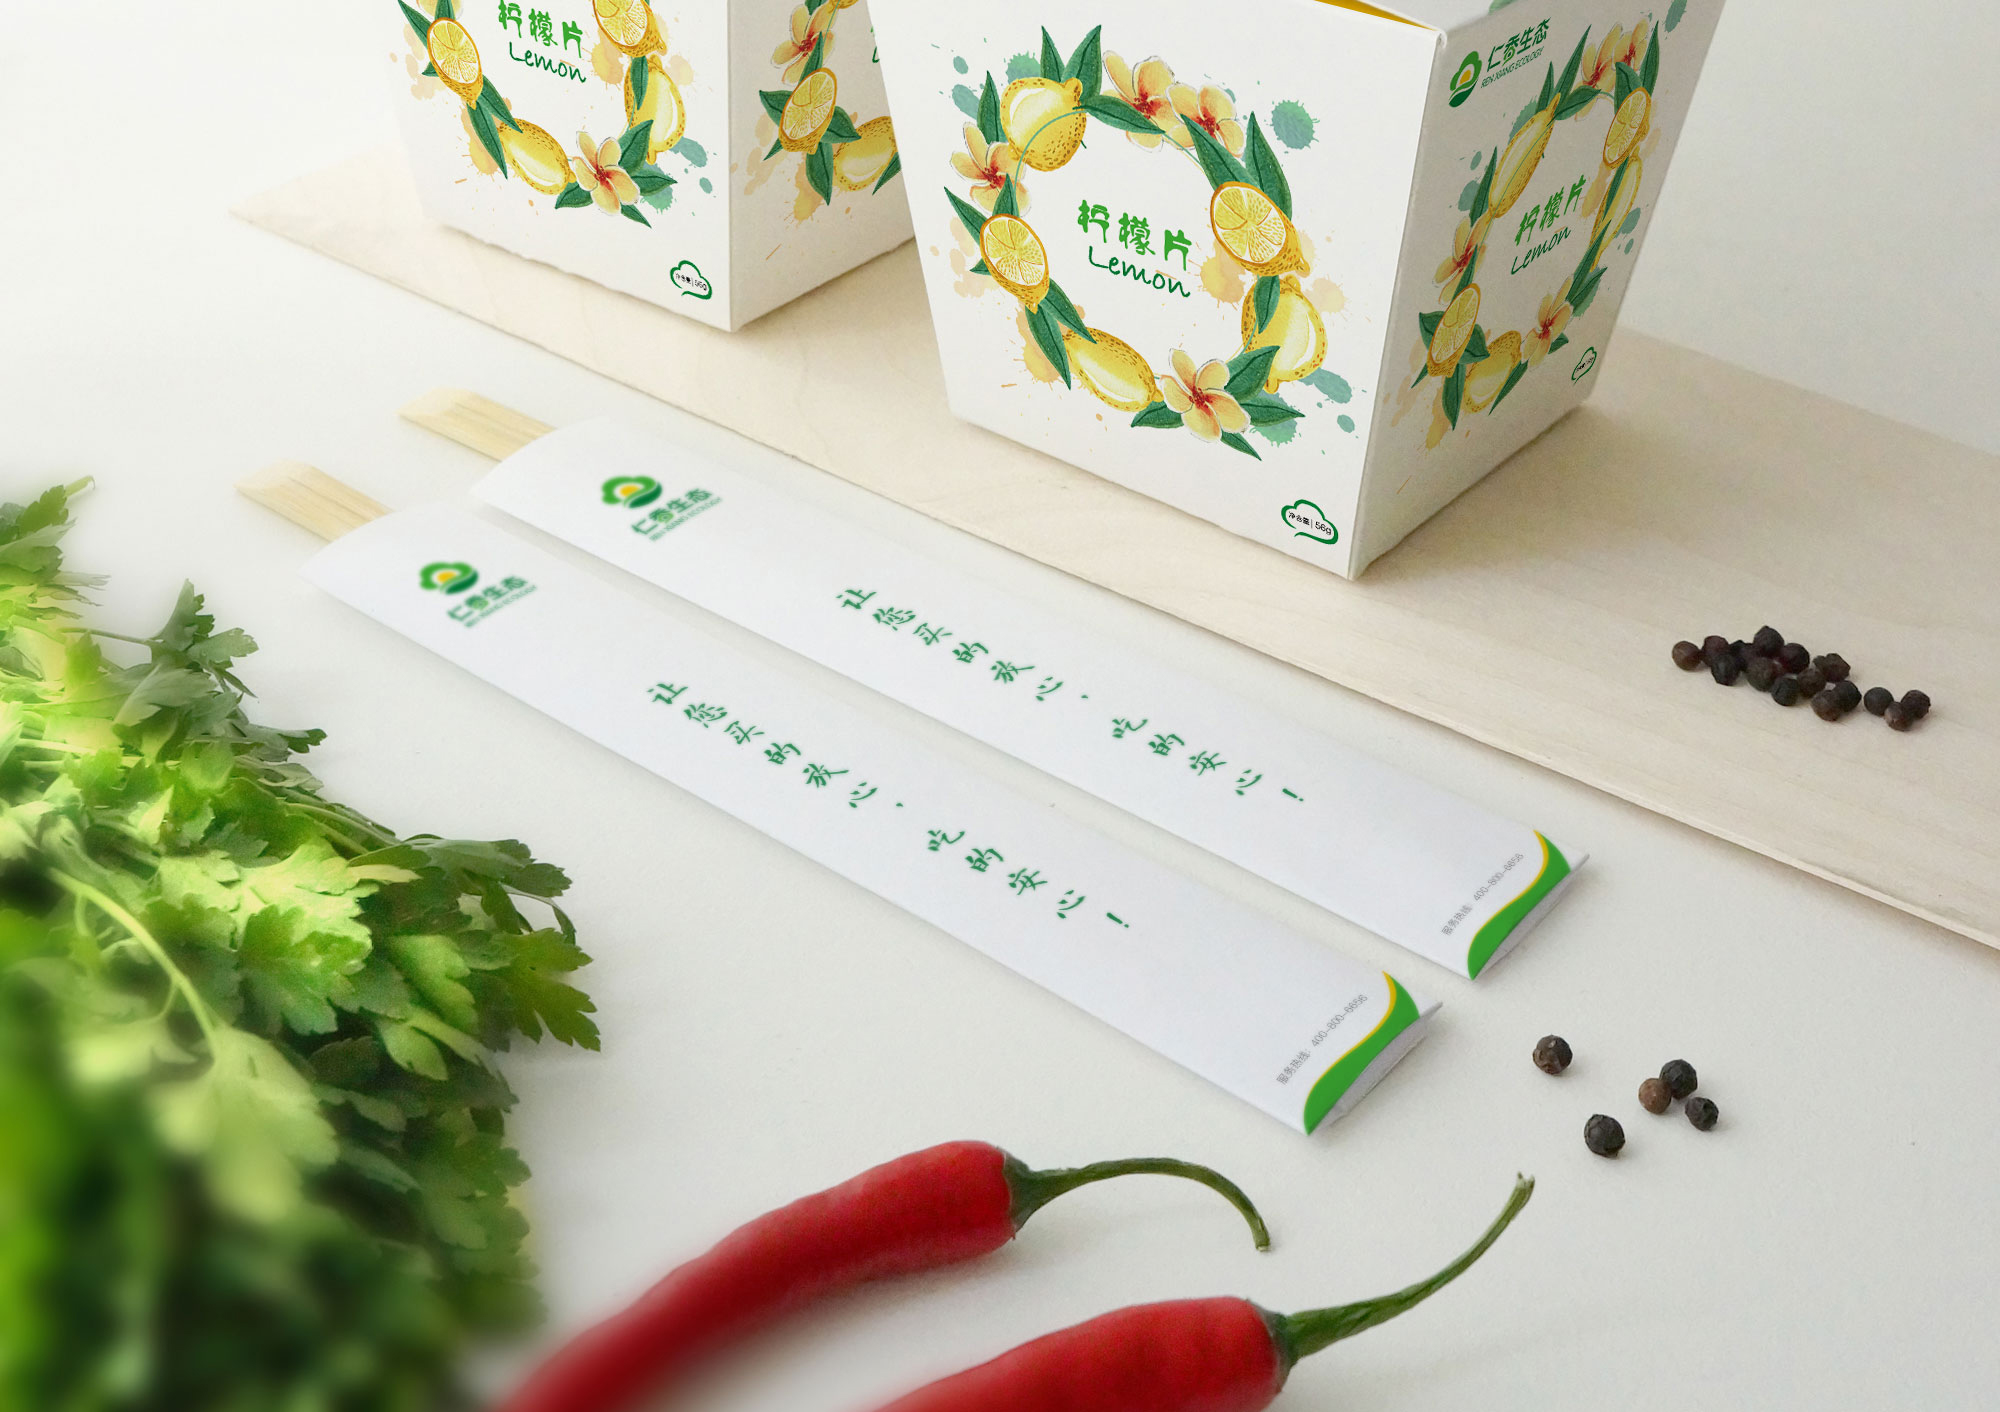 仁香生态农业品牌vi设计